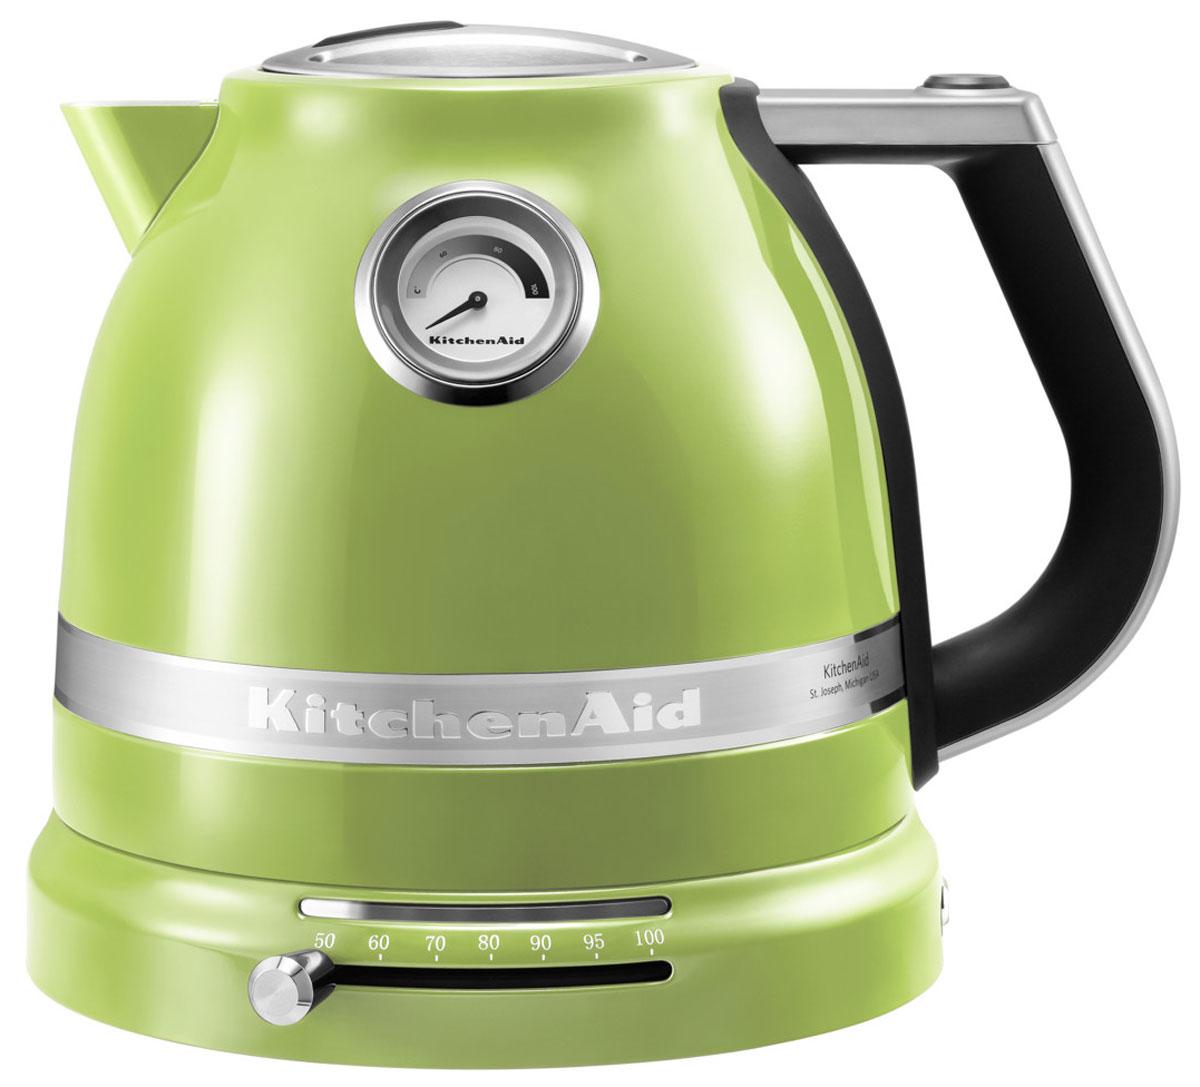 KitchenAid Artisan (5KEK1522EGA), Green электрочайник5KEK1522EGAЭлектрический чайник KitchenAid ARTISAN объемом 1,5 литра – это новое слово в бытовой технике. Великолепные формы, эргономичность и элегантность – лучший образец, который обязательно должен быть на любой кухне. Выпить чашку чая с KitchenAid ARTISAN – это доставить себе истинное наслаждение и удовольствие.Ценители чайного напитка прекрасно знают, что каждый вид чая требует своей температуры воды. Но добиться нужного нагрева с обычной моделью было невероятно сложно. Теперь все изменилось: с двустенным электрическим чайником KitchenAid ARTISAN объемом 1,5 литра вы можете:выбирать нужную температуру нагрева от 50 до 100 градусов;поддерживать воду горячей в течение всей чайной церемонии;видеть температуру воды даже тогда, когда чайник не стоит на своей платформе;не ждать любимого напитка дольше положенного – этот прибор нагревает воду моментально.